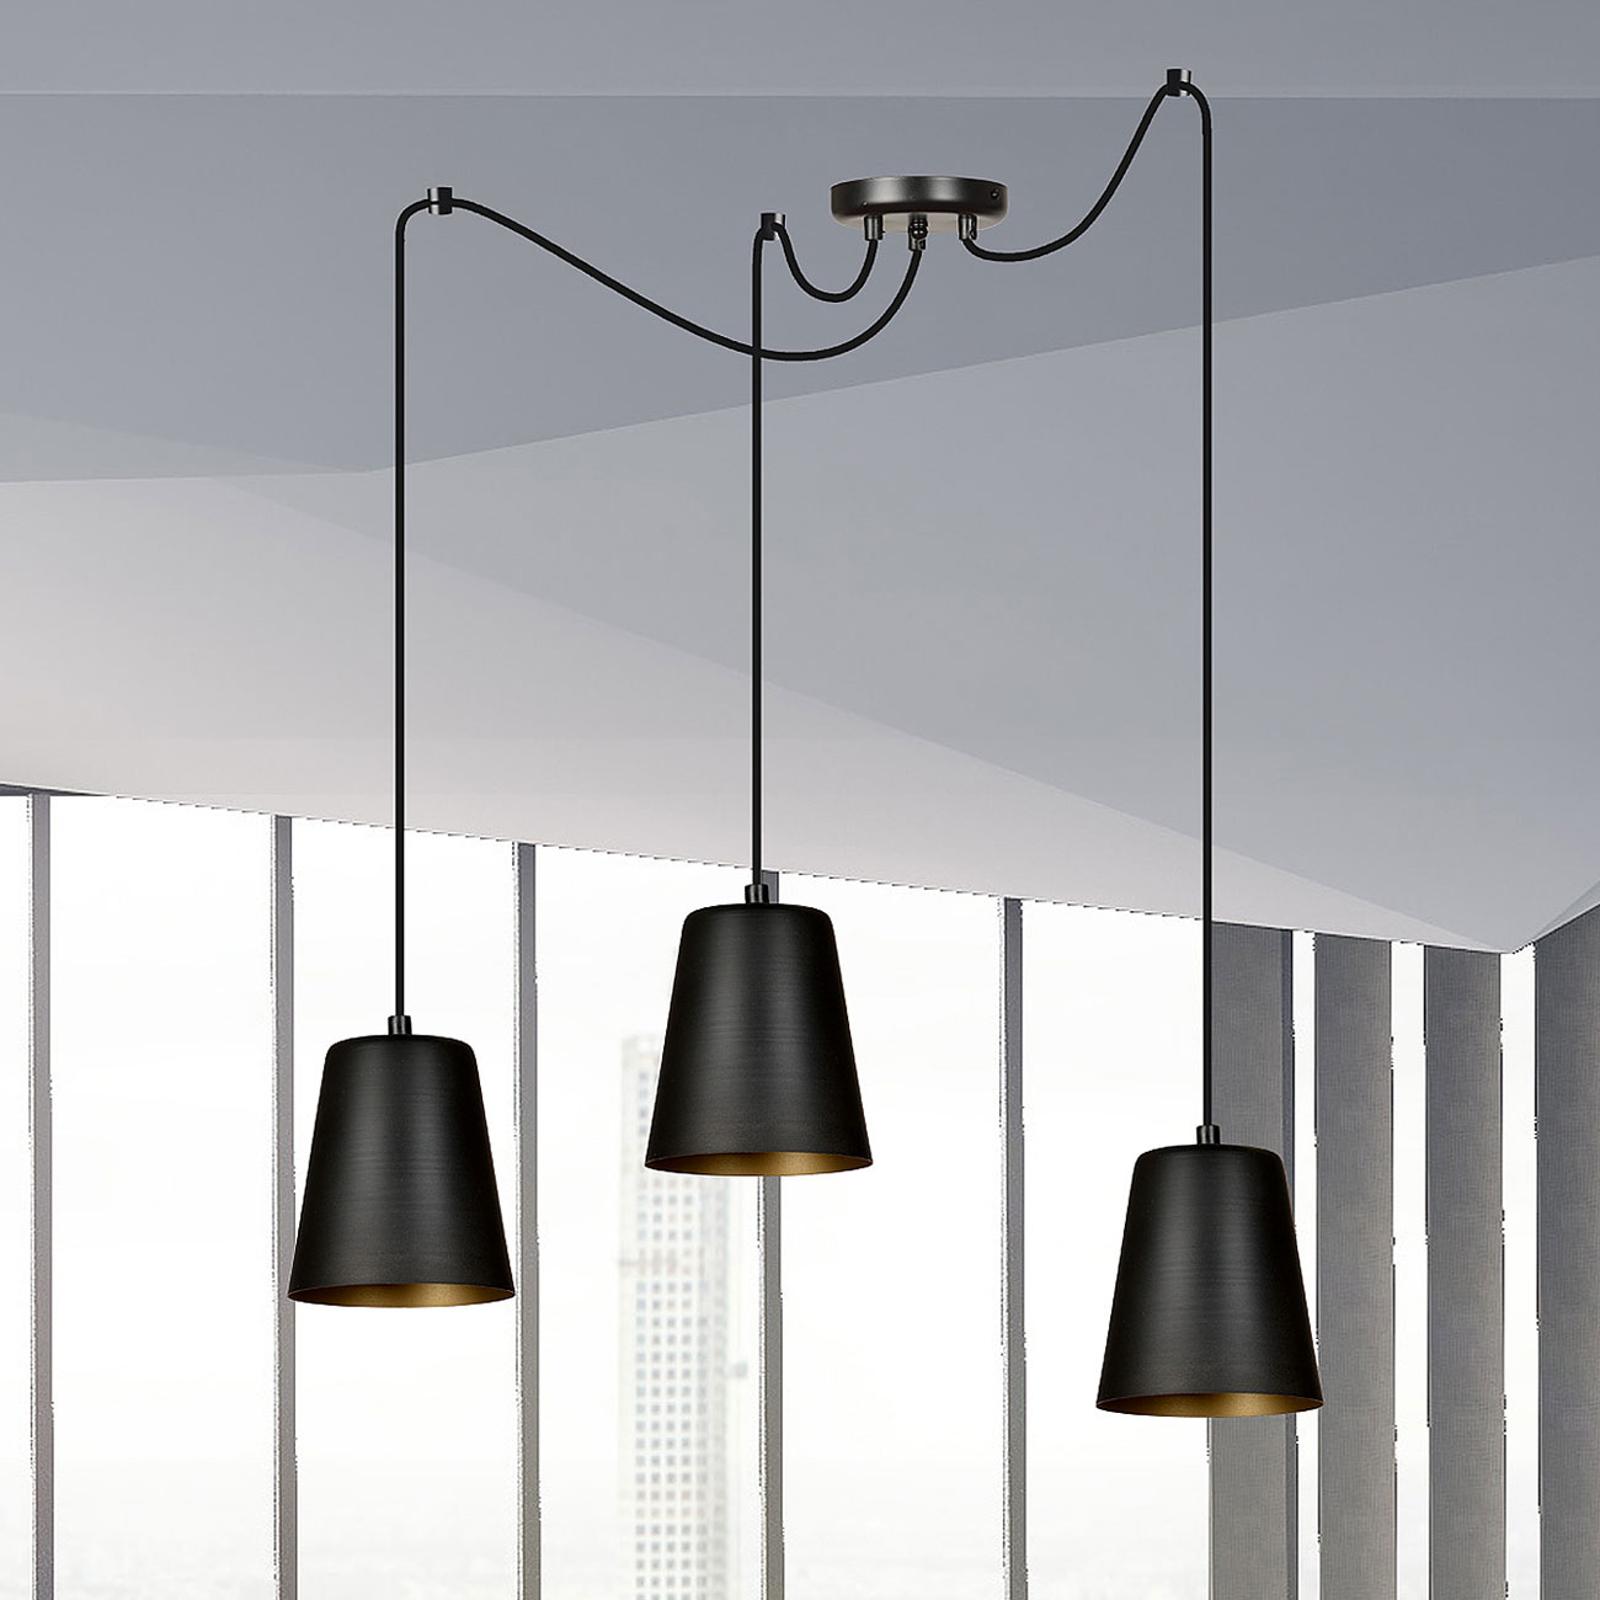 Pendellampe Link i svart, 3 lyskilder